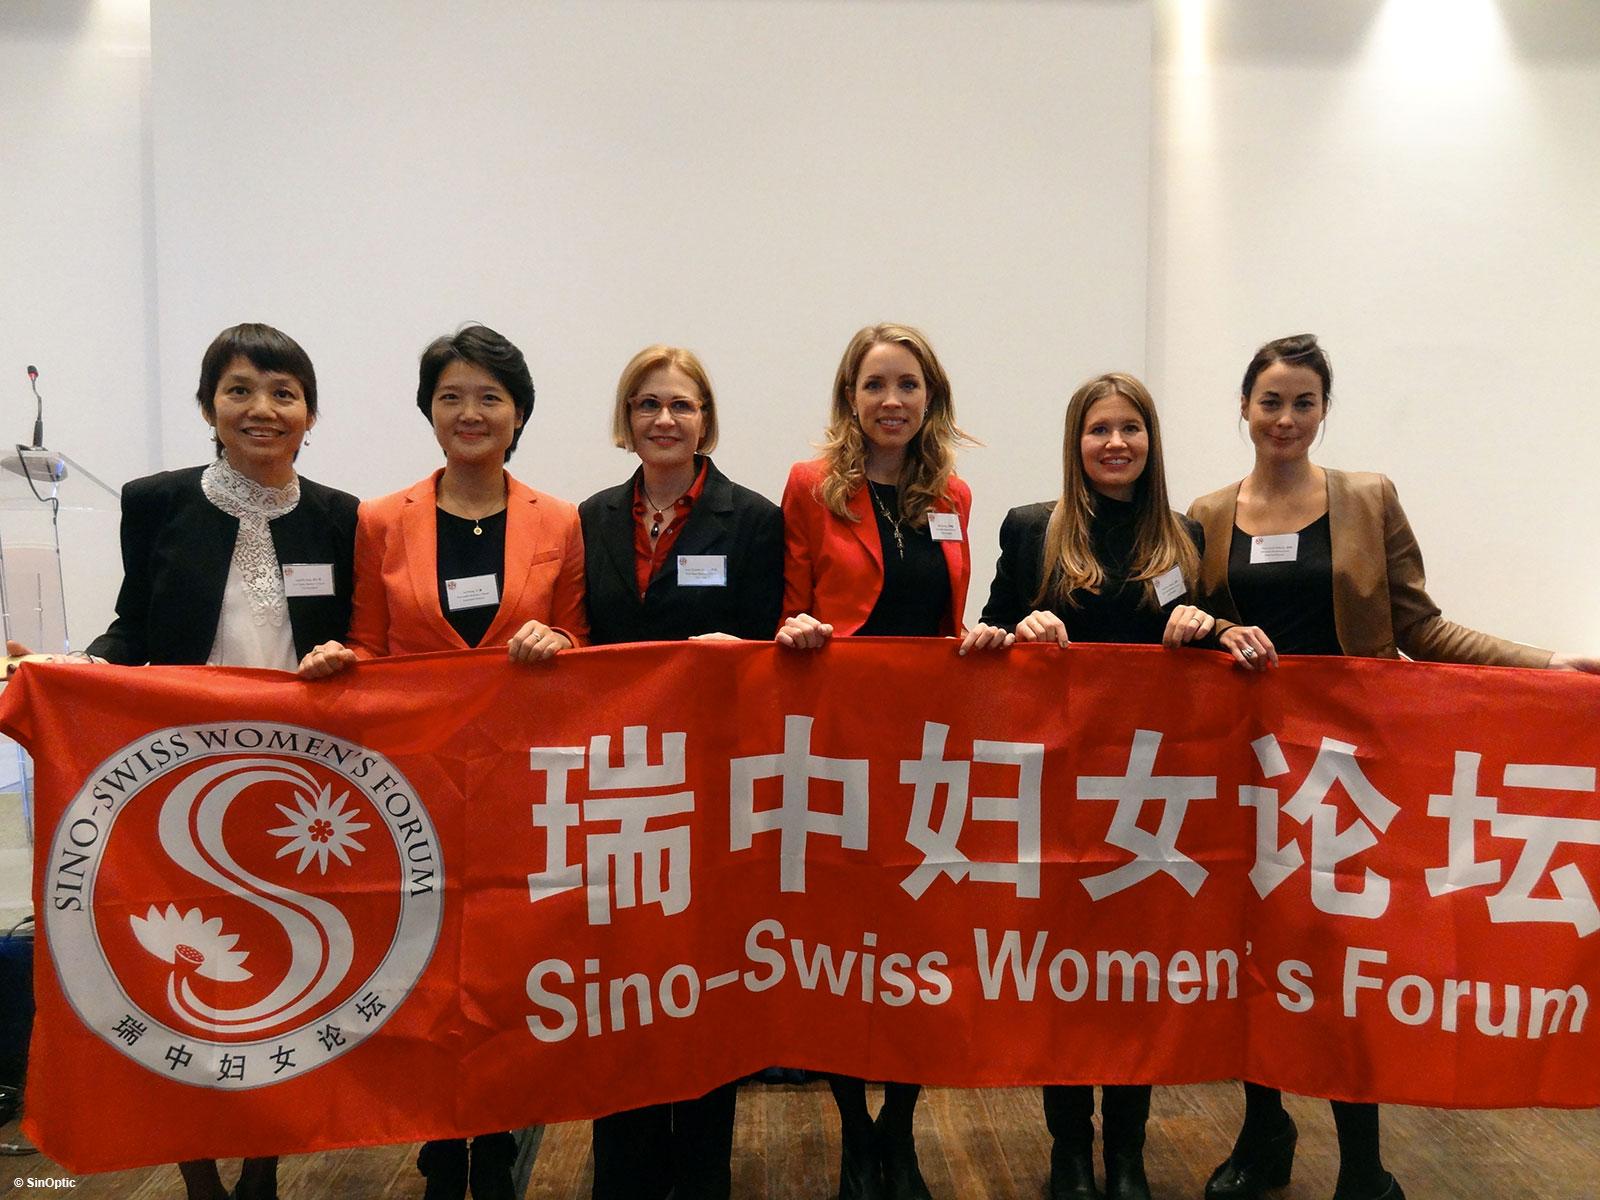 Sino-Swiss Women's Forum (SSWF) - Opportunities beyond culture: Women in leadership